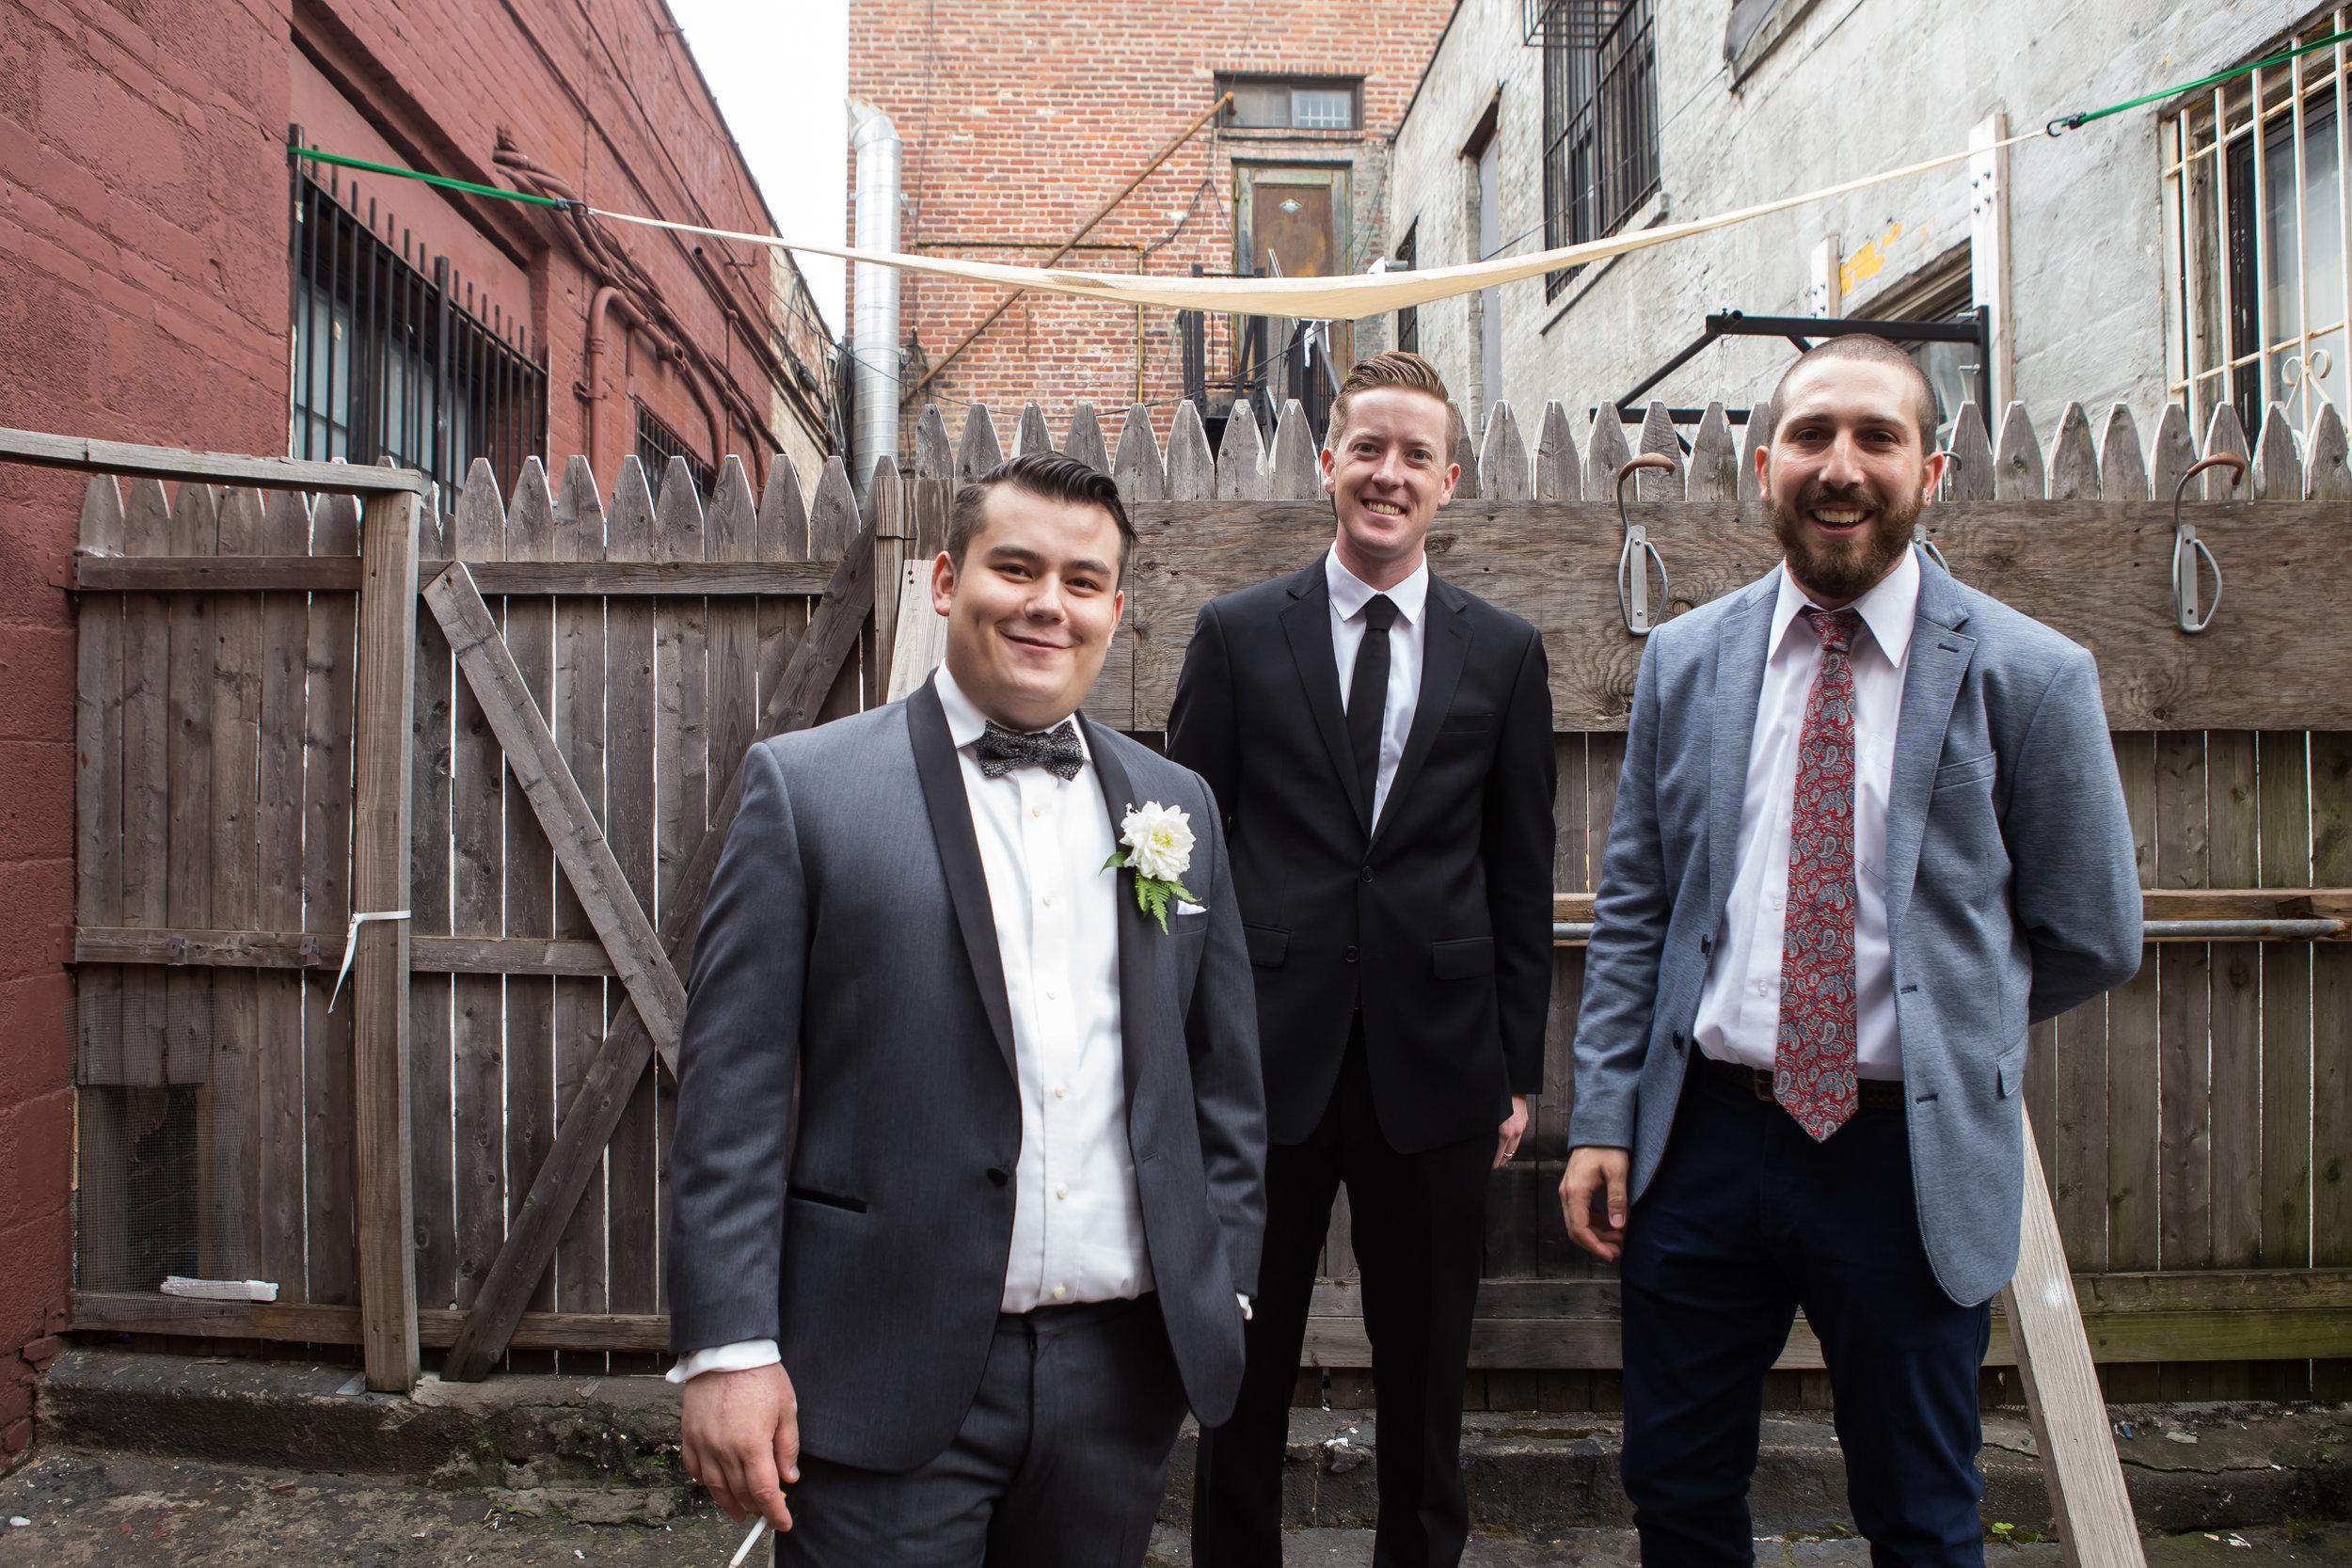 26-bridge-nyc-wedding-photography-0091.jpg